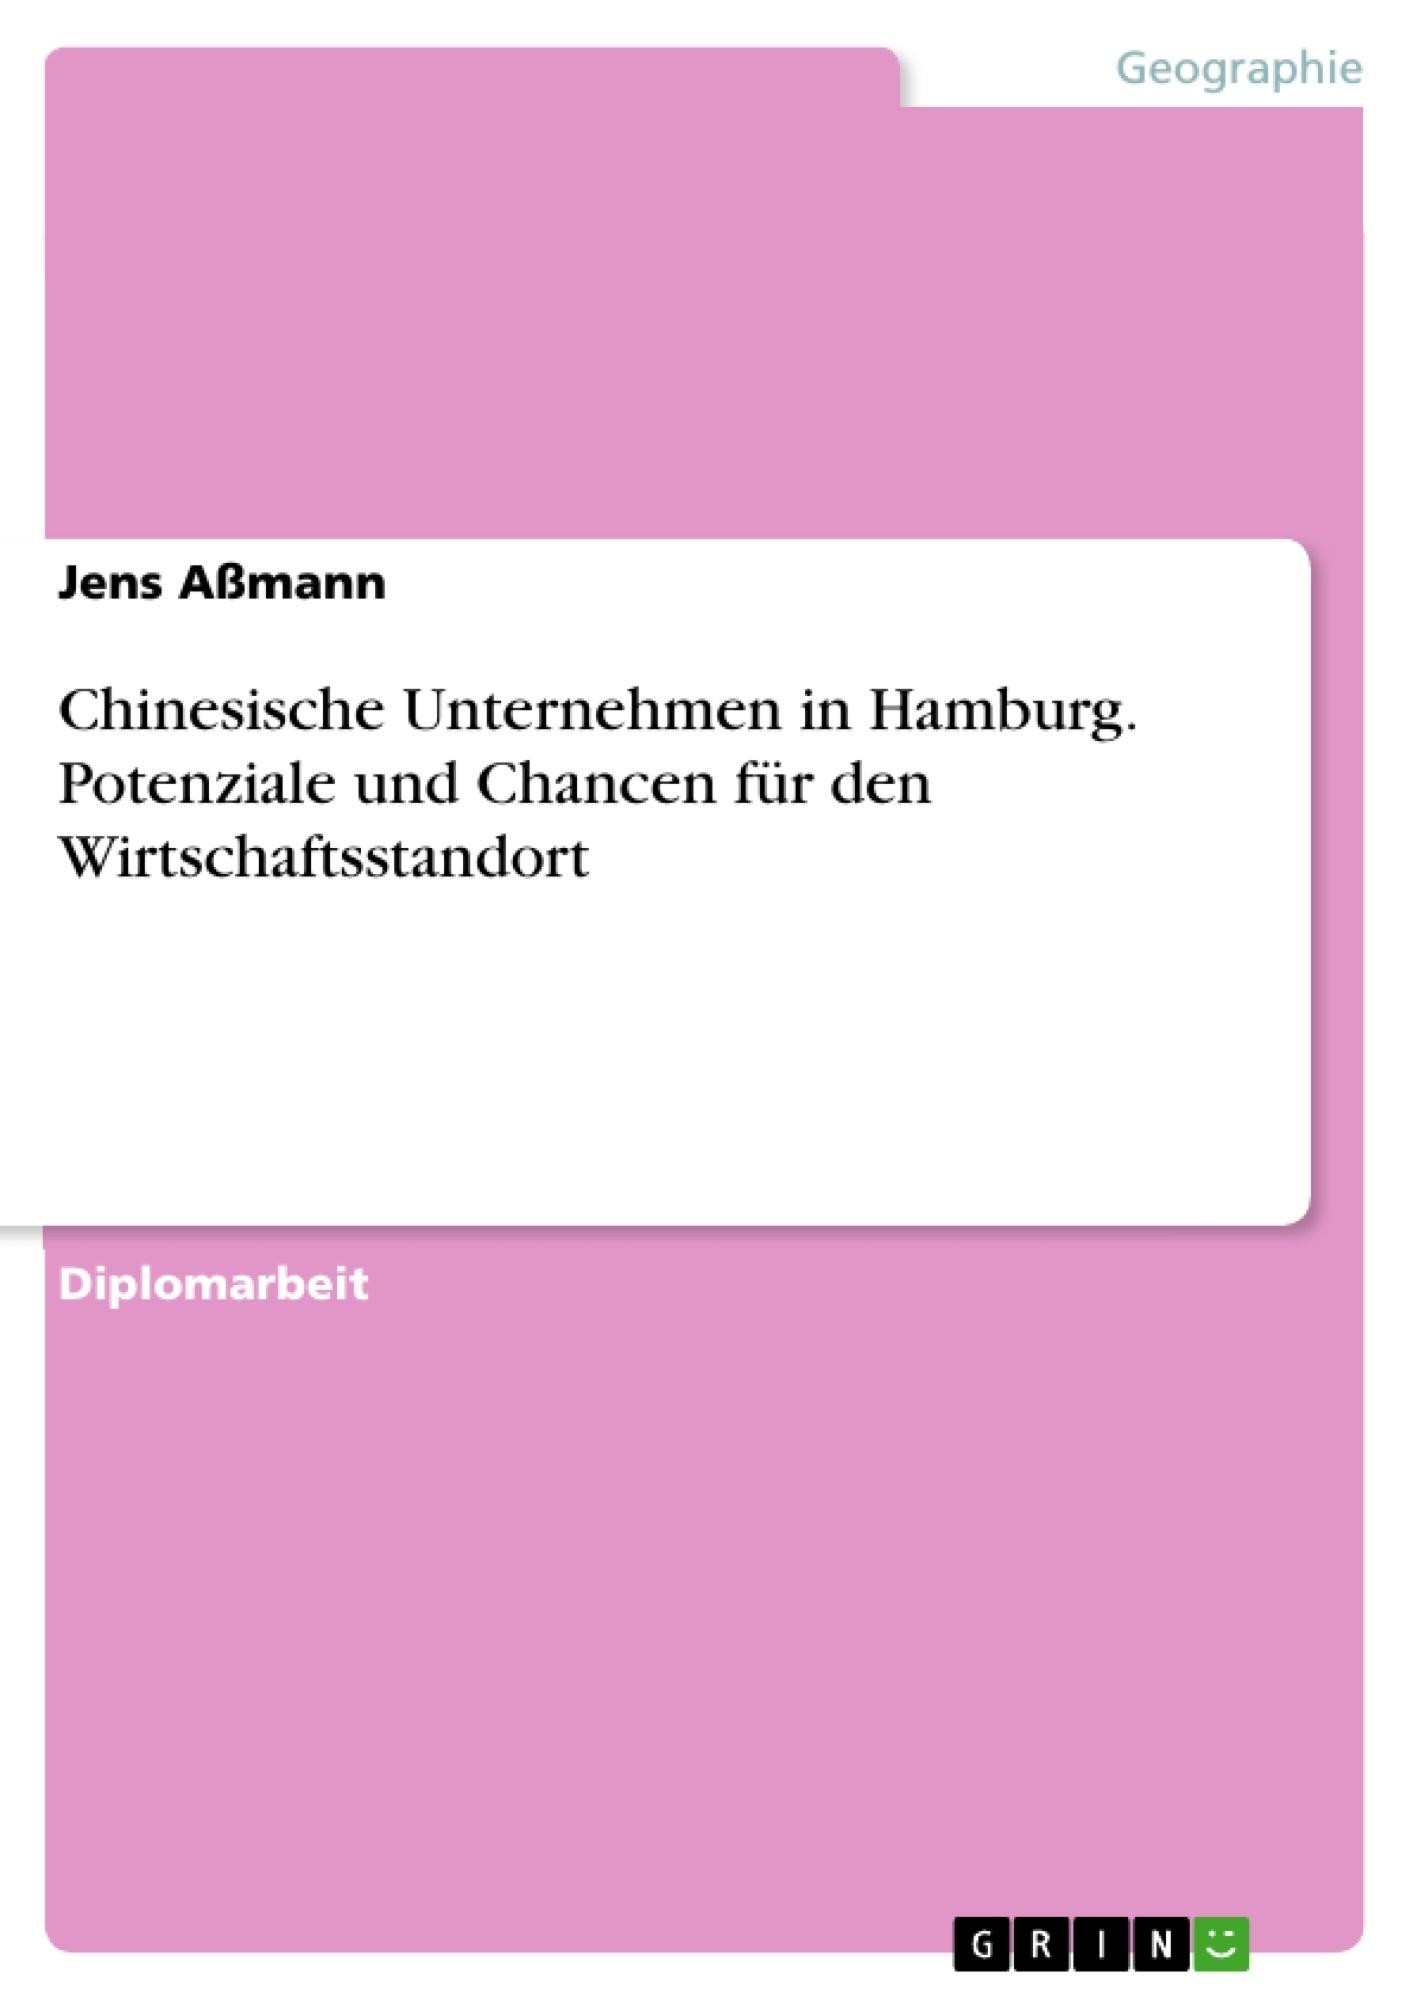 Titel: Chinesische Unternehmen in Hamburg. Potenziale und Chancen für den Wirtschaftsstandort